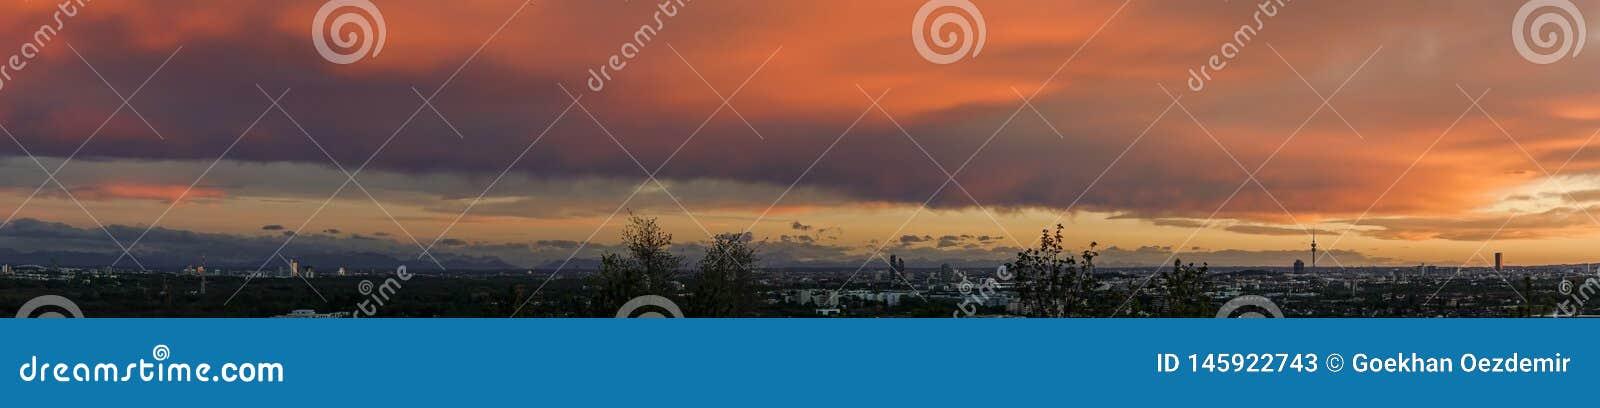 Panoramiczny widok brać przy zmierzchem nad Munich miastem w bavaria, Germany z dramatycznym chmurnym niebem i górami w tle